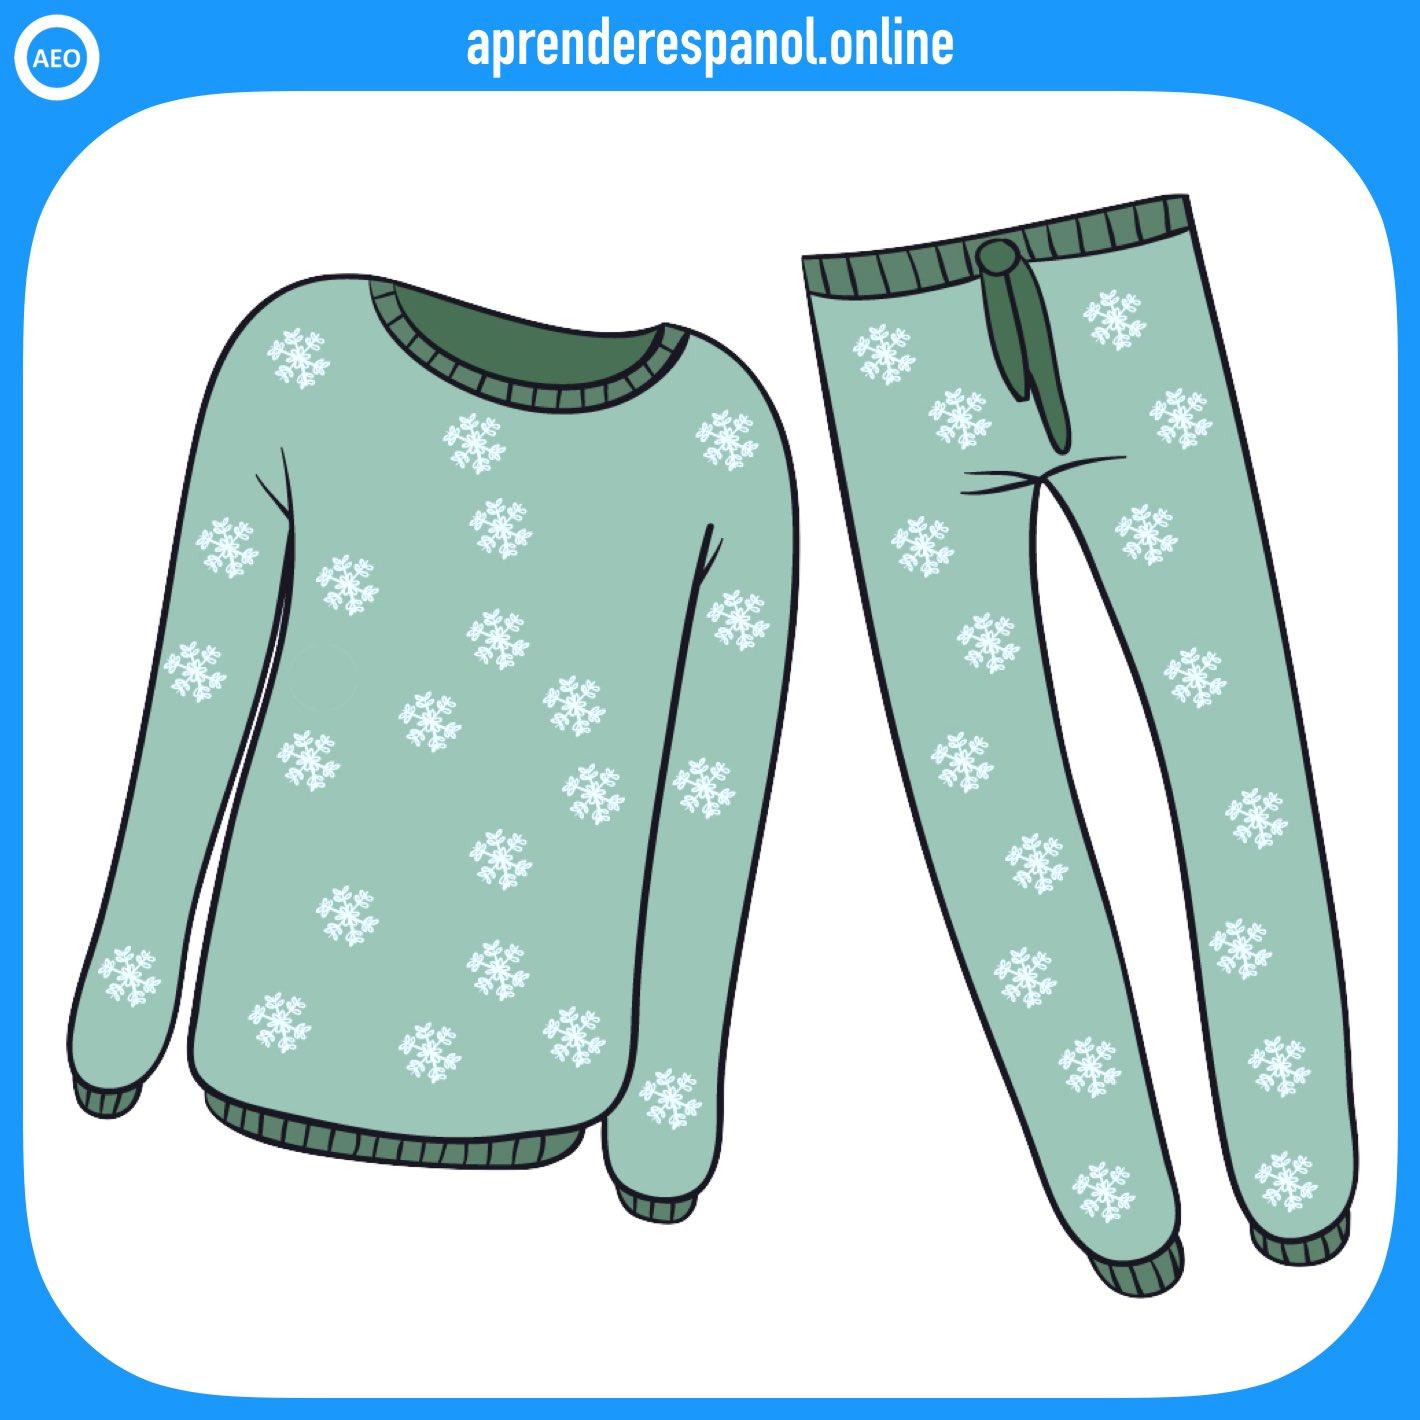 pijama | ropa en español | vocabulario de la ropa en español